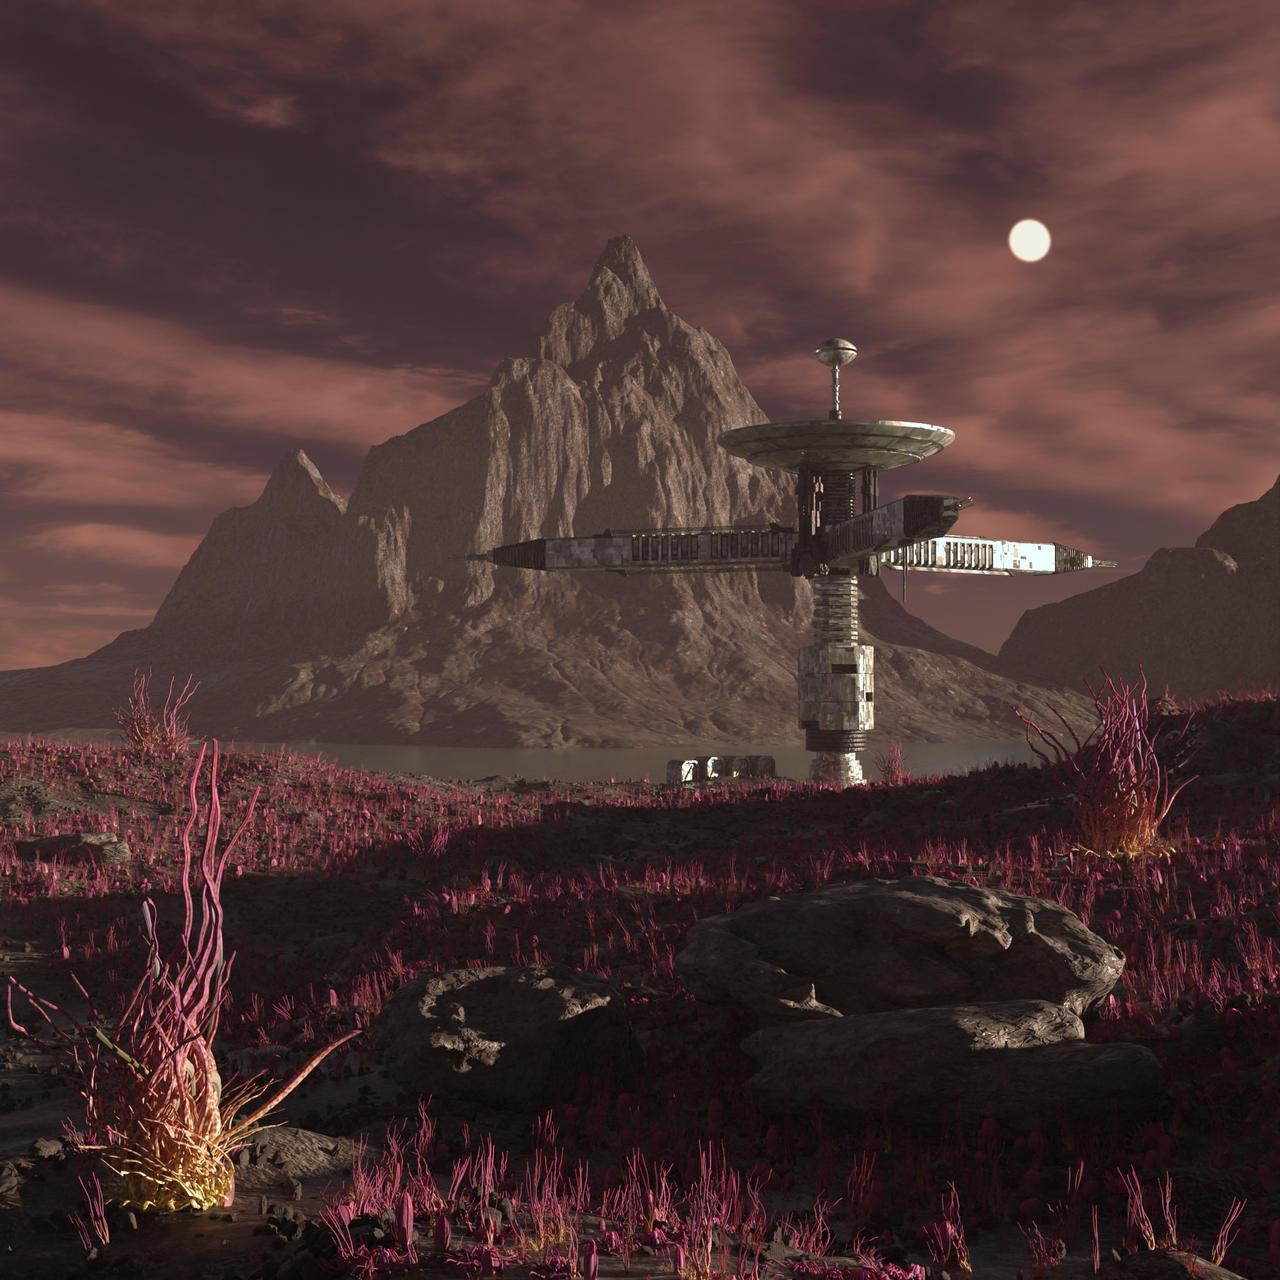 Recon Base Zeta